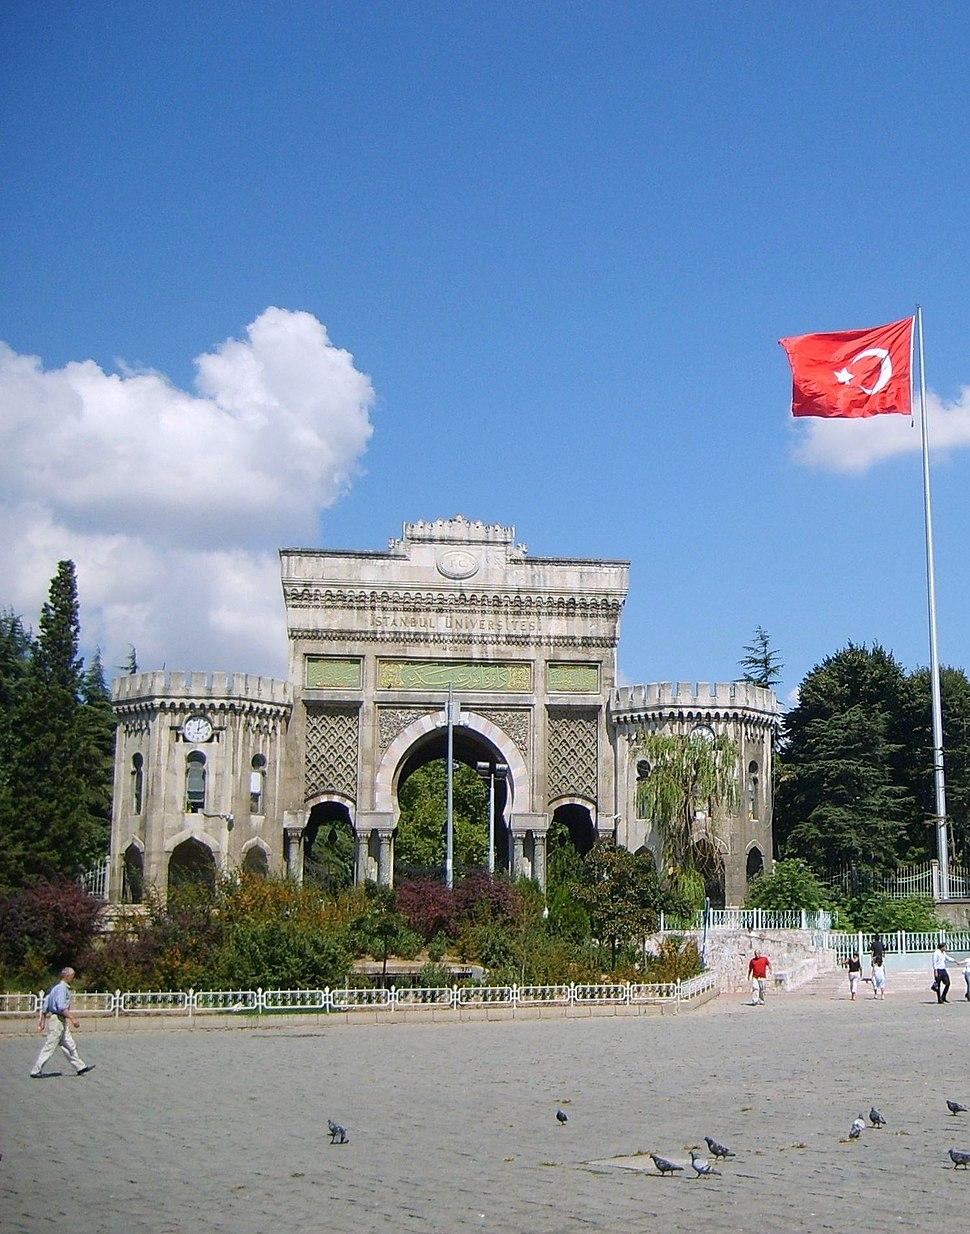 Istanbul University cropped